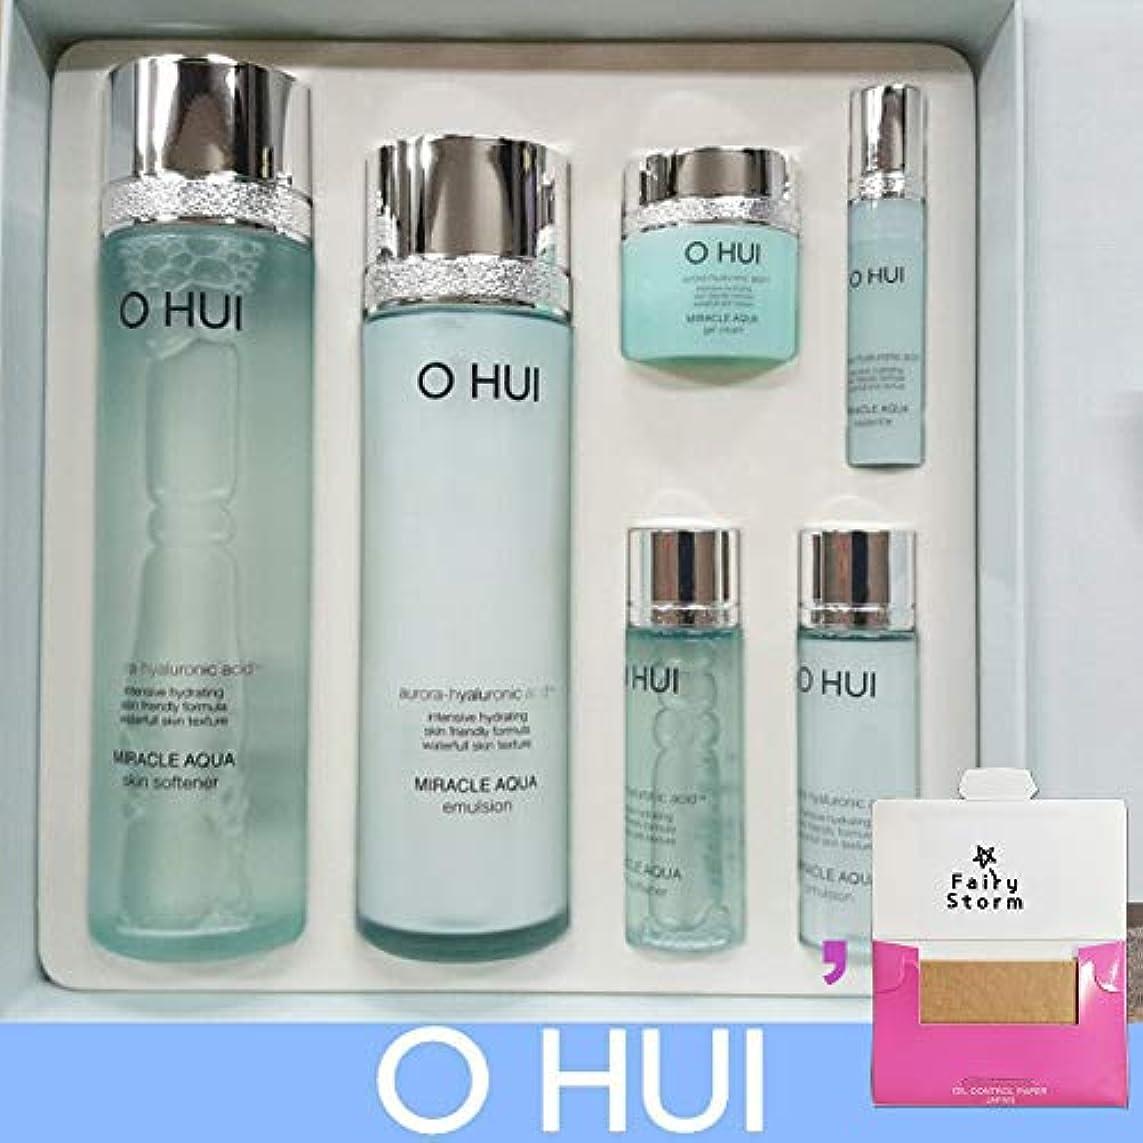 アルカトラズ島可聴オンス[オフィ/O HUI]韓国化粧品LG生活健康/O HUI MIRACLE AQUA SPECIAL SET/ミラクルアクア2種セット+[Sample Gift](海外直送品)